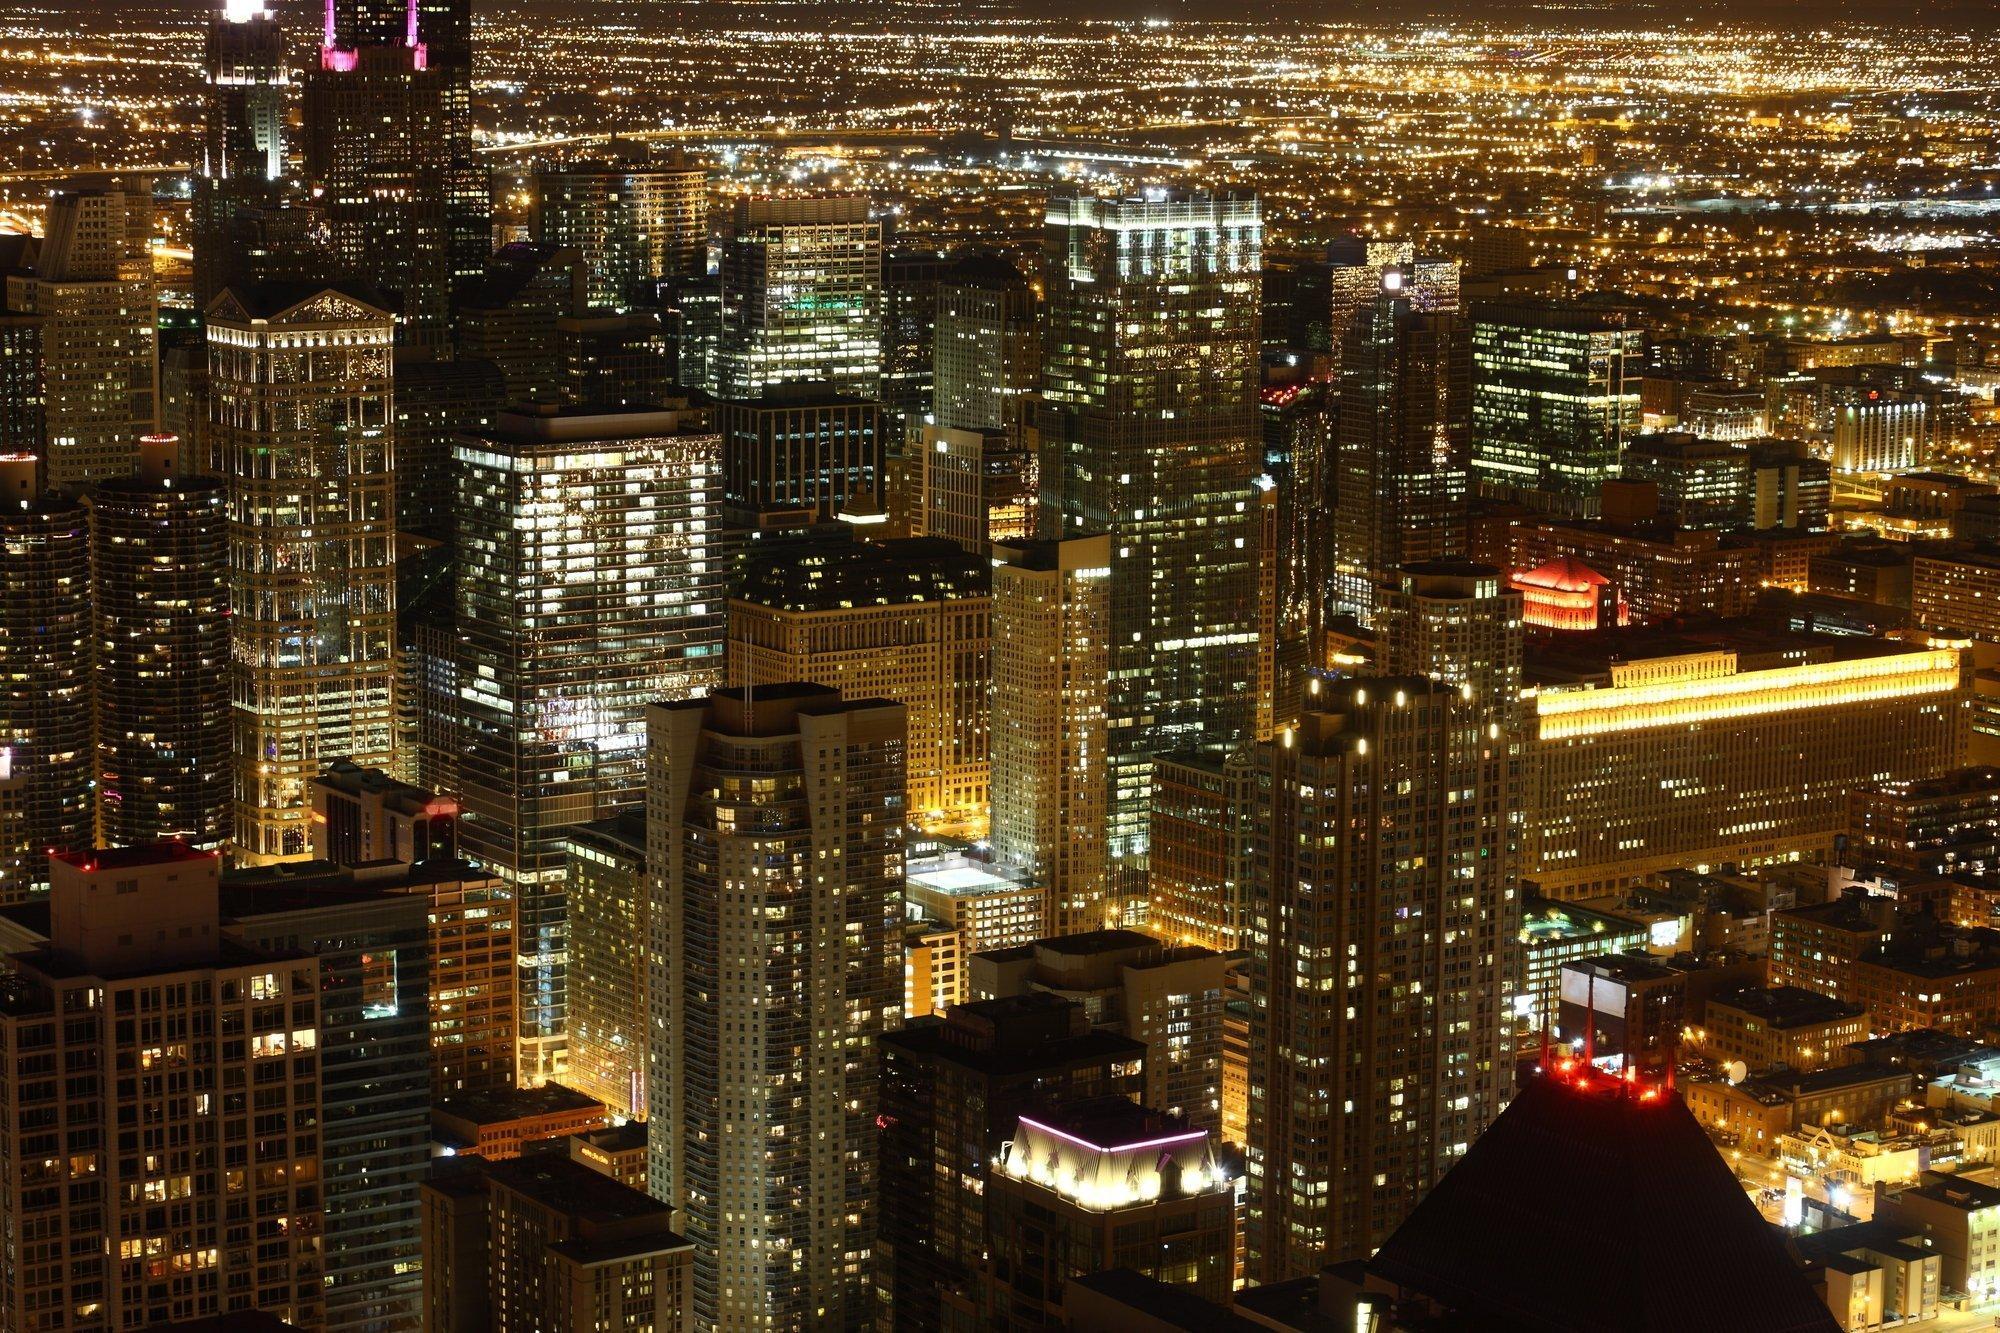 Das Bild zeigt die Innenstadt von Chicago mit zahlreichen Wolkenkratzern und greller Beleuchtung bei Nacht.